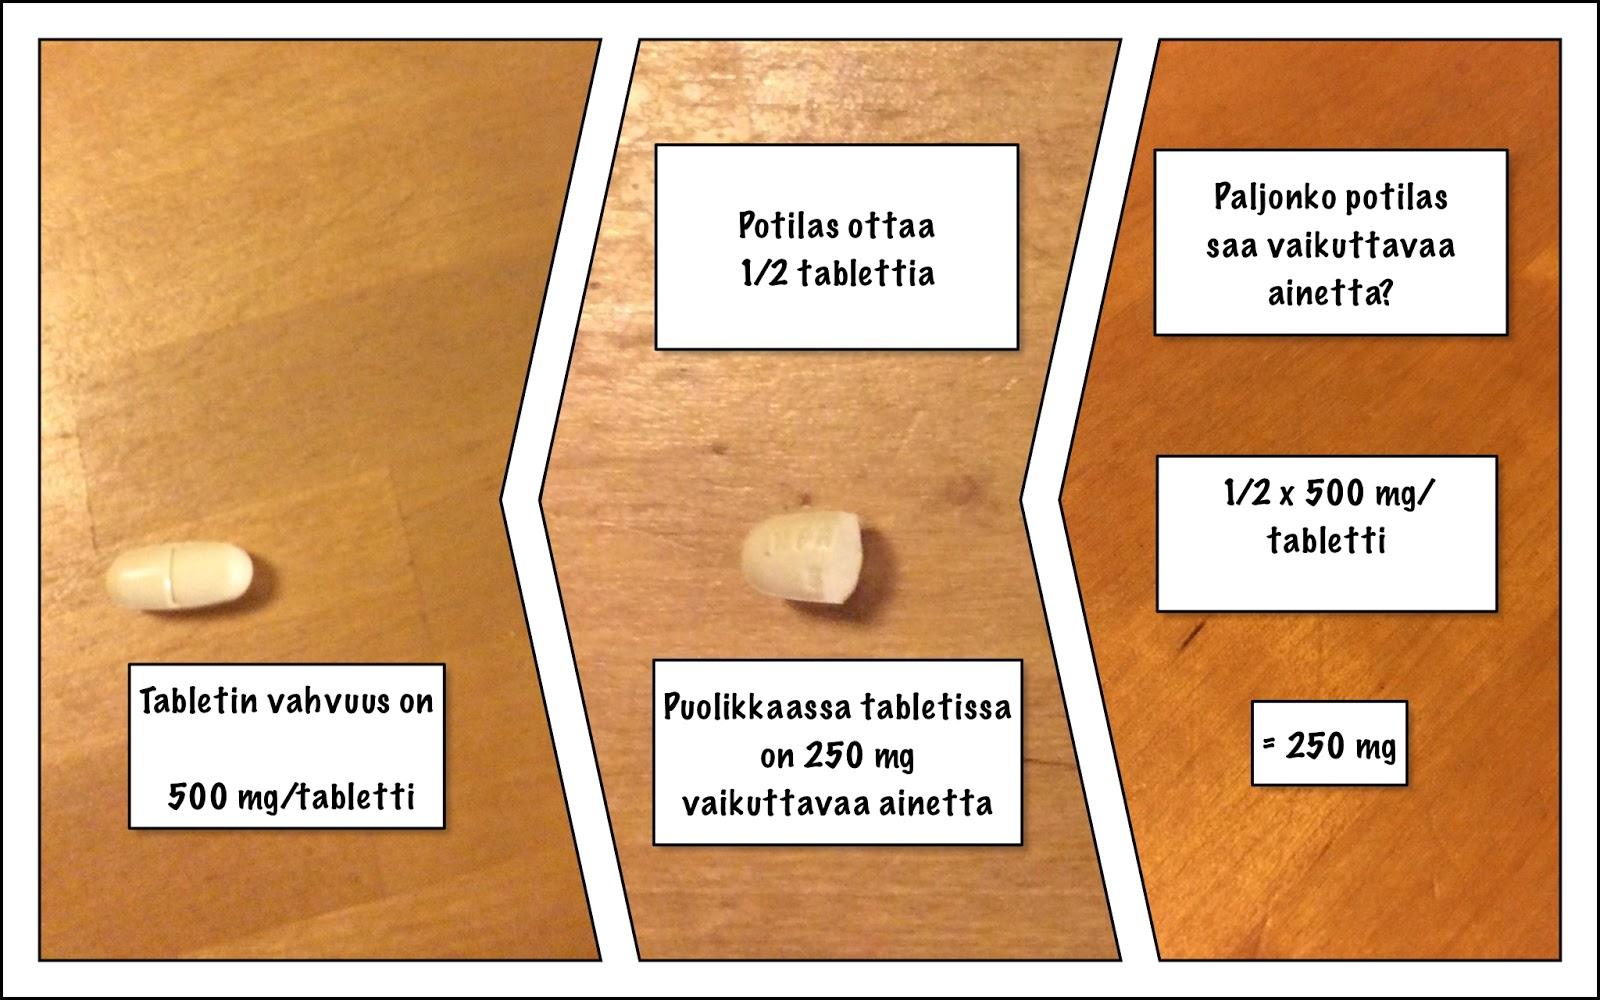 Kuinka monta milligrammaa on yksi mikrogramma